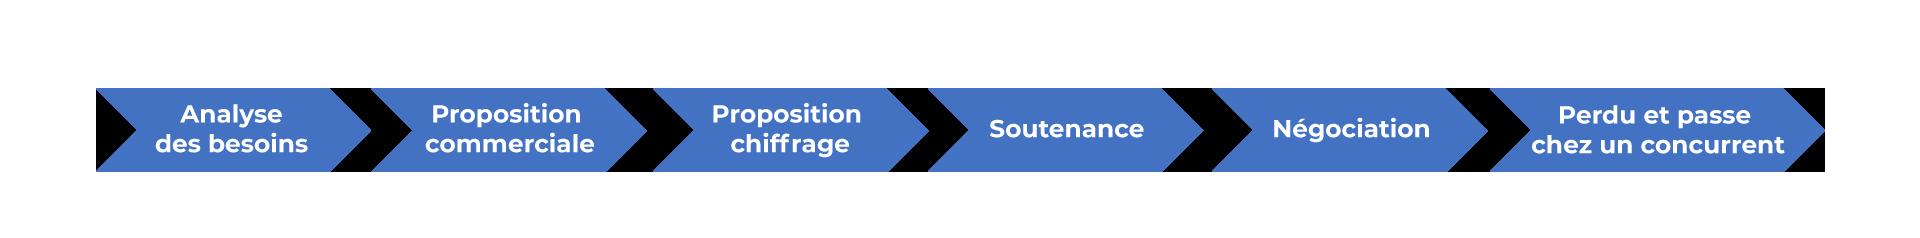 Les 6 phases nécessaires à la signature d'un contrat